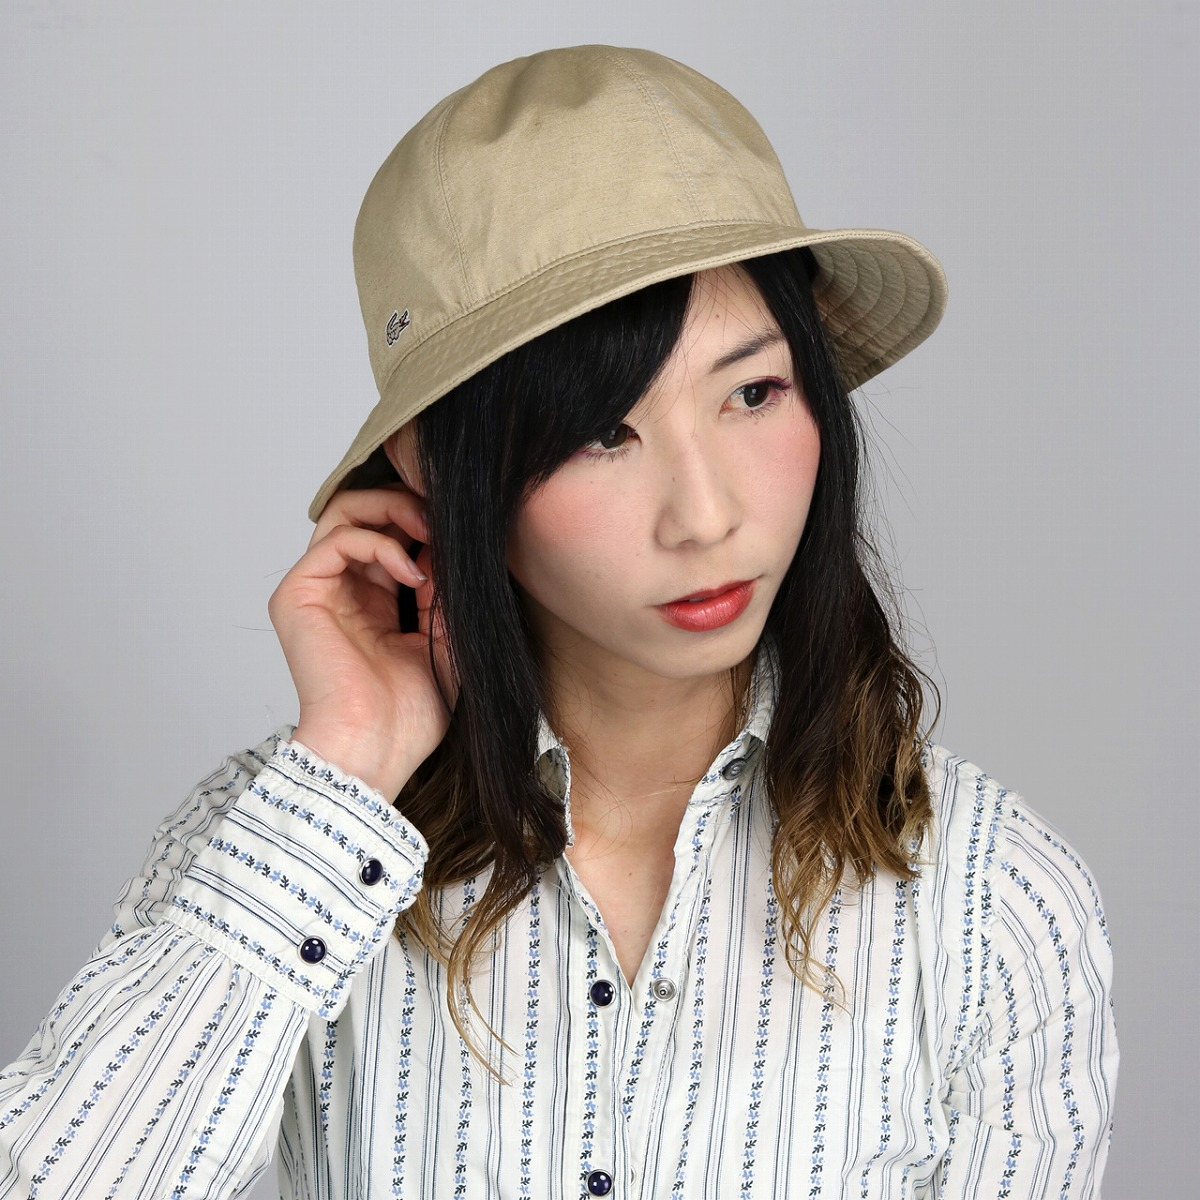 メトロハット lacoste 春 夏 メンズ 帽子 綿ヘンプ 涼しい 無地 日本製 クルーハット レディース ハット ラコステ シンプル サイズ調節可能 手洗い可能 軽い アウトドア ベージュ [ bucket hat ] 父の日 ギフト プレゼント UVカット帽子